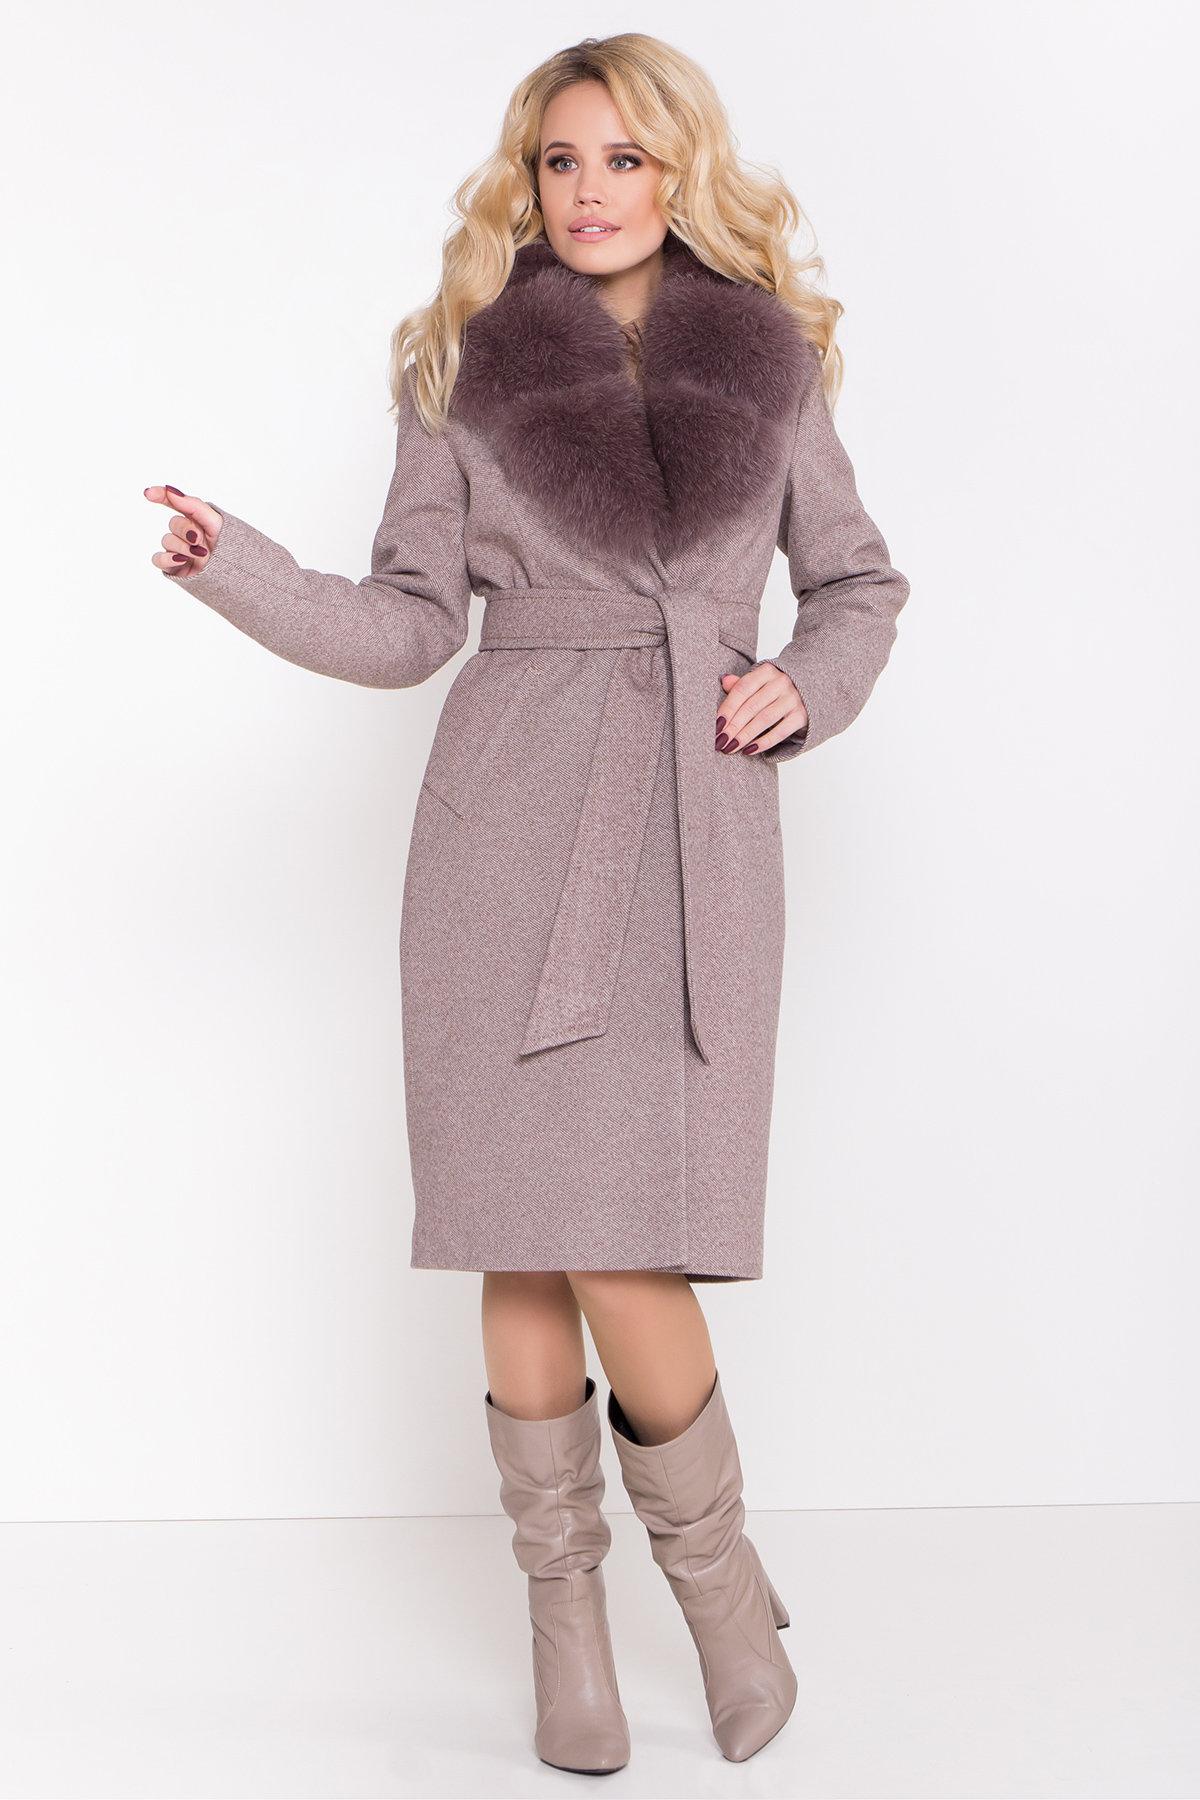 Пальто зимнее купить от TM Modus Зимнее пальто с роскошным воротником из песца Камила классик 8489